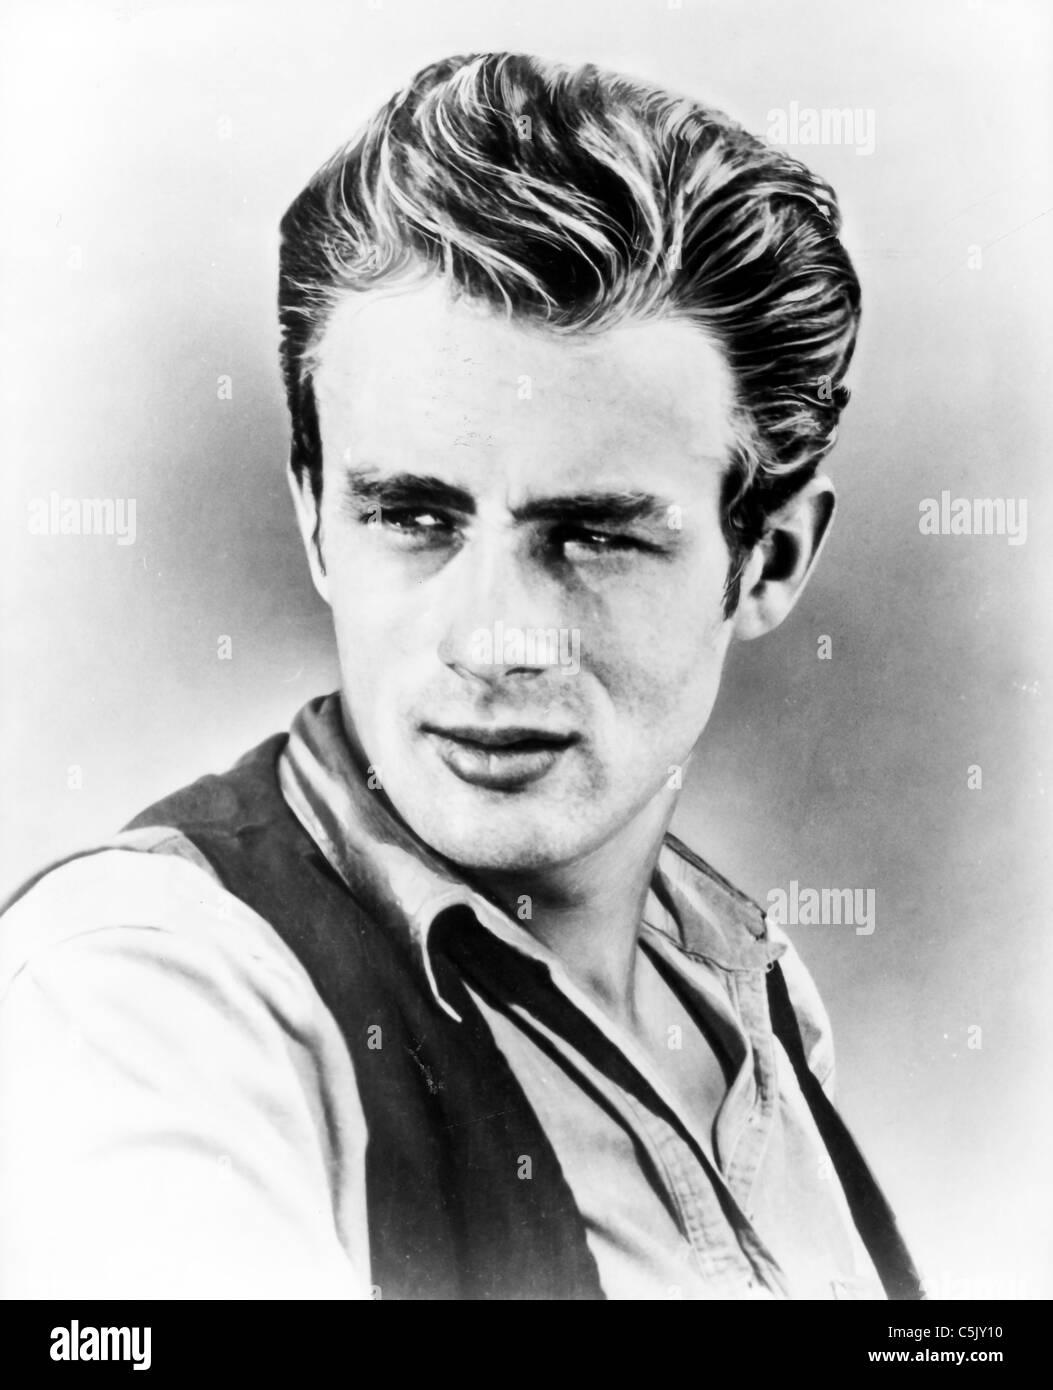 James Dean Riese, 1955 Stockbild